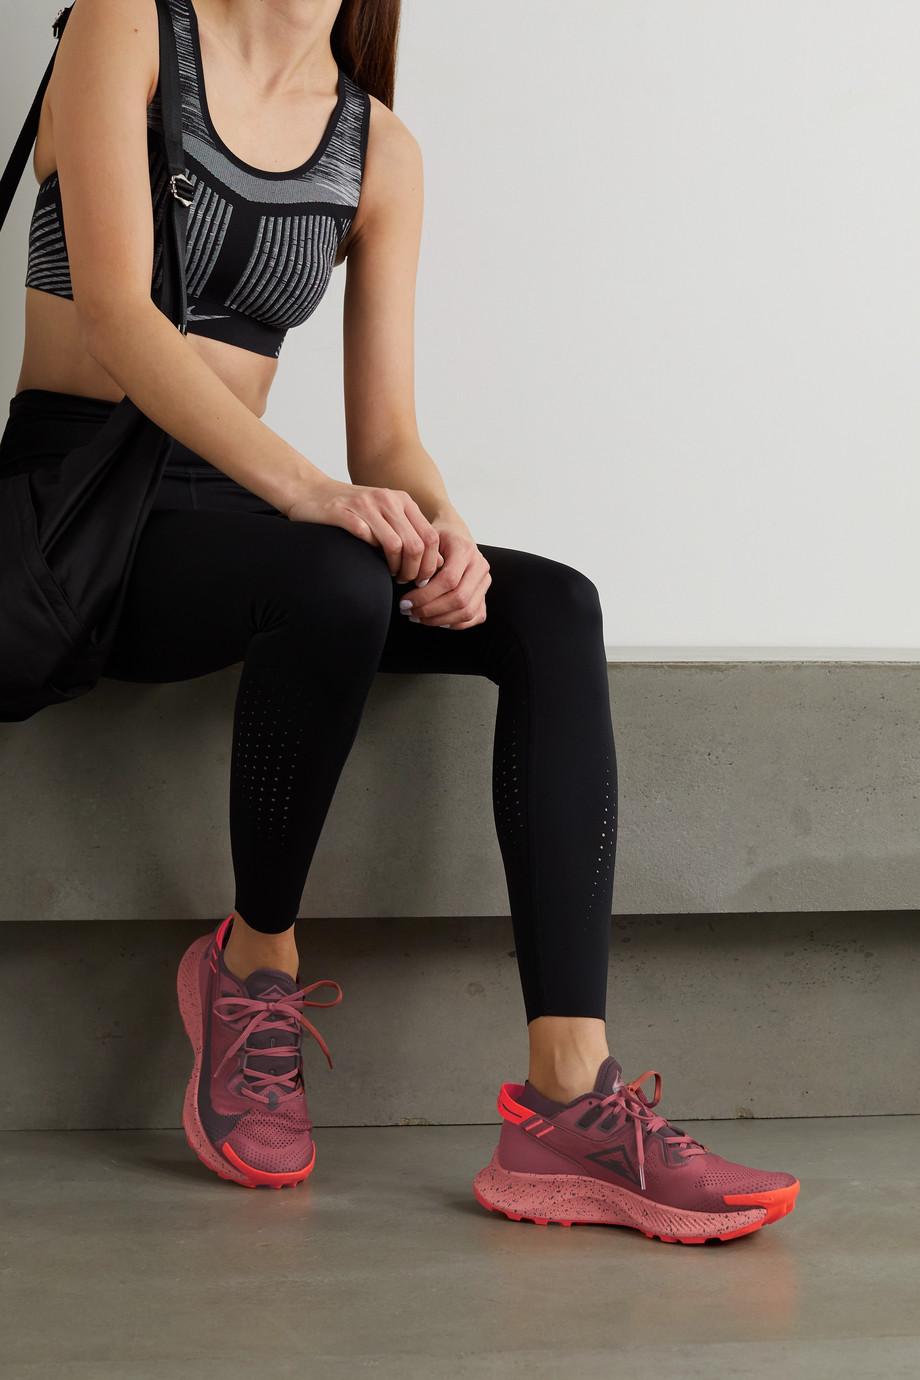 Nike Pegasus Trail 2 mesh and ripstop sneakers